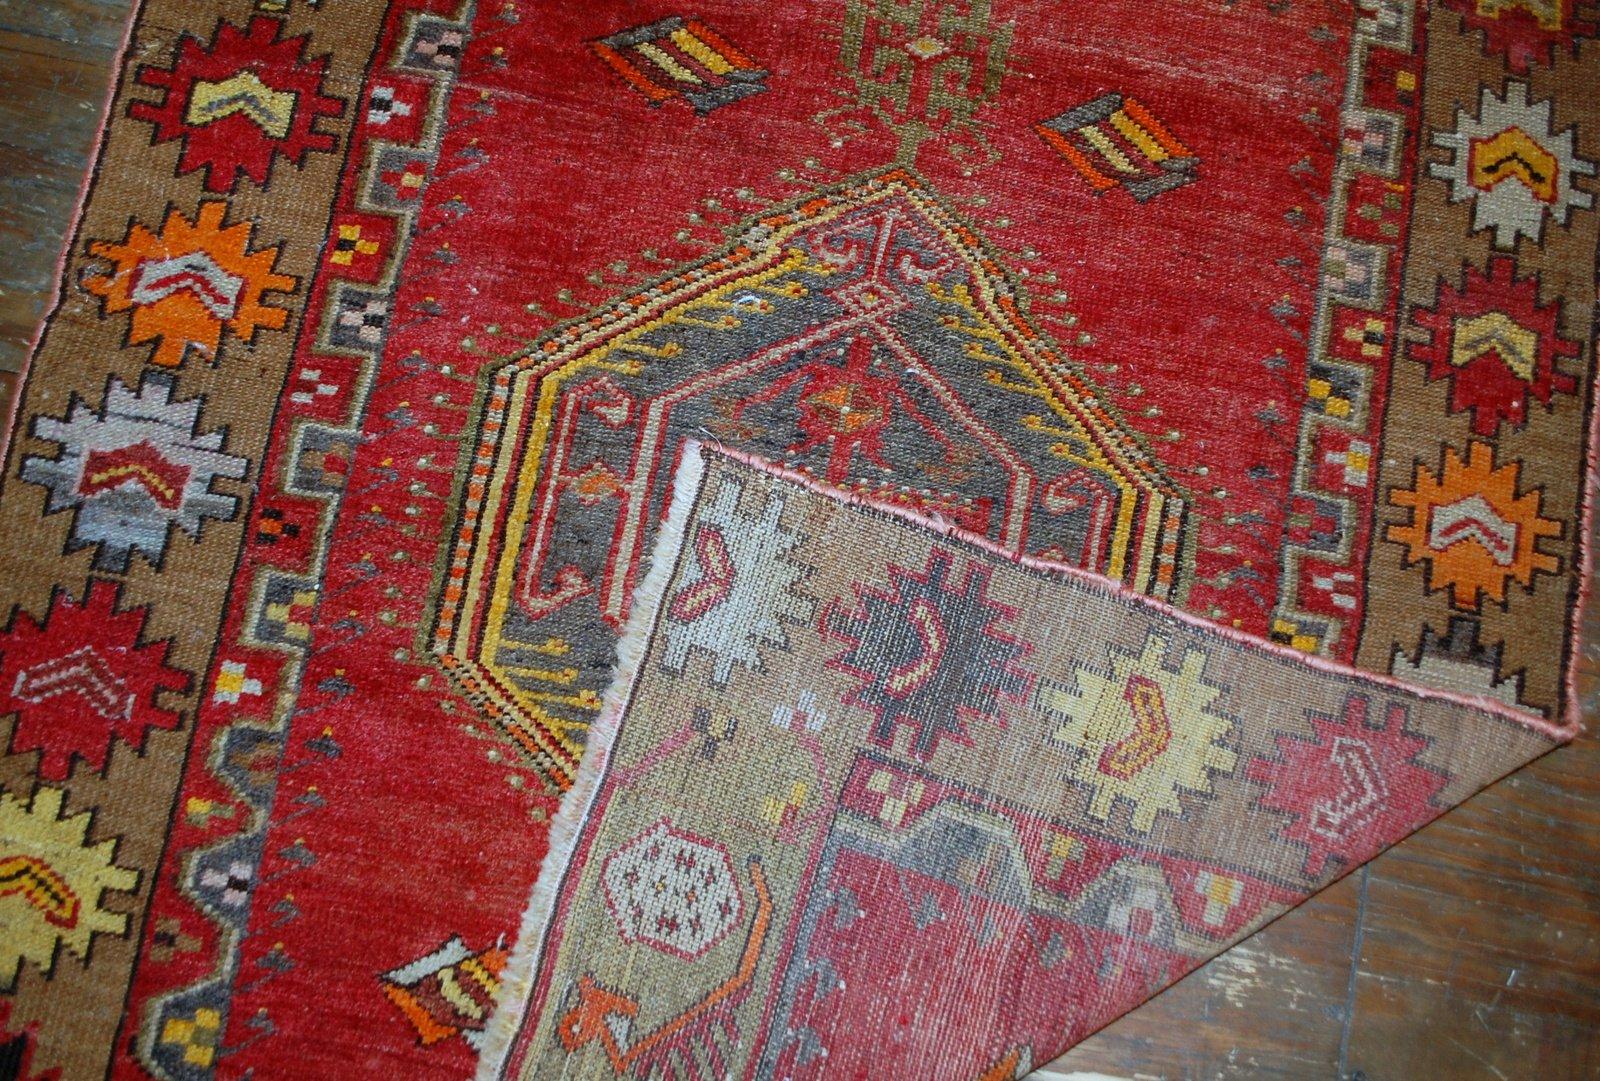 tapis anatolien vintage fait main turquie 1920s en vente sur pamono. Black Bedroom Furniture Sets. Home Design Ideas